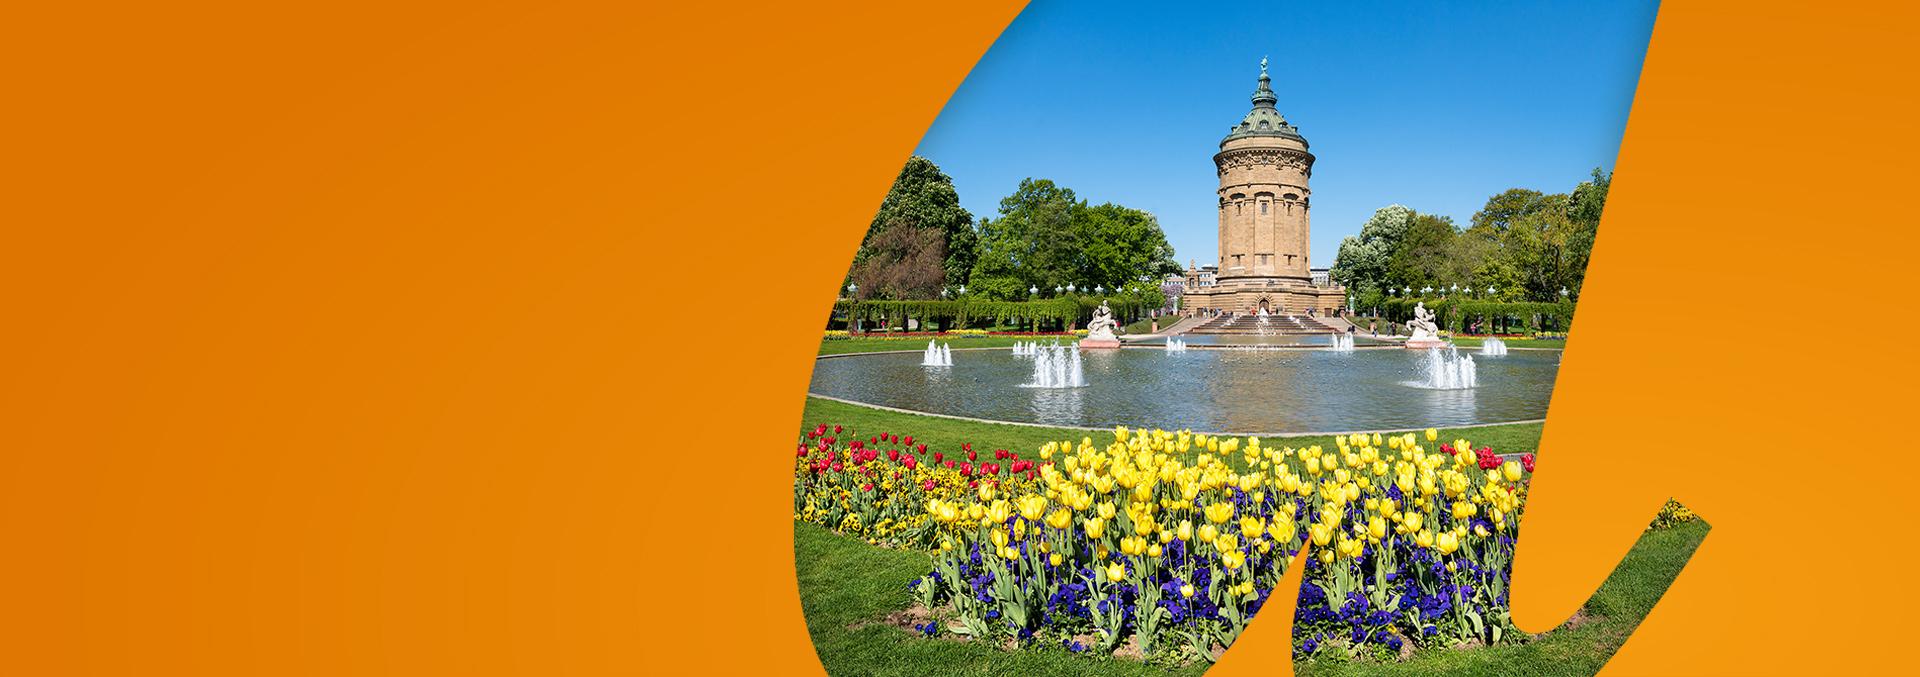 Services in Mannheim: Das Wahrzeichen Mannheims, der Wasserturm, fotografiert über ein Blumenbeet und eine Brunnenanlage